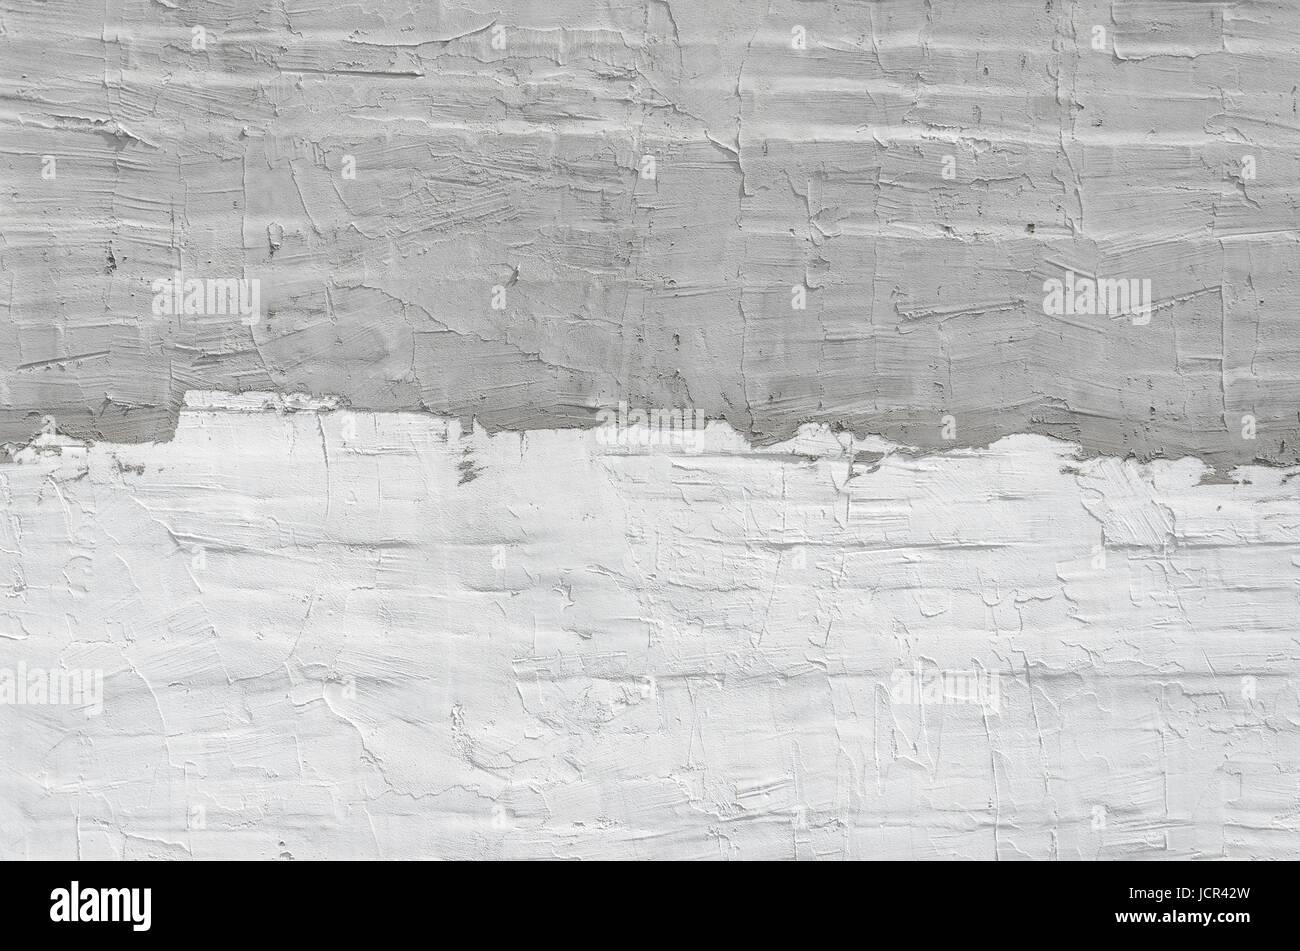 dünne schicht aus gips auf eine mauer. weiß und grau putz wand